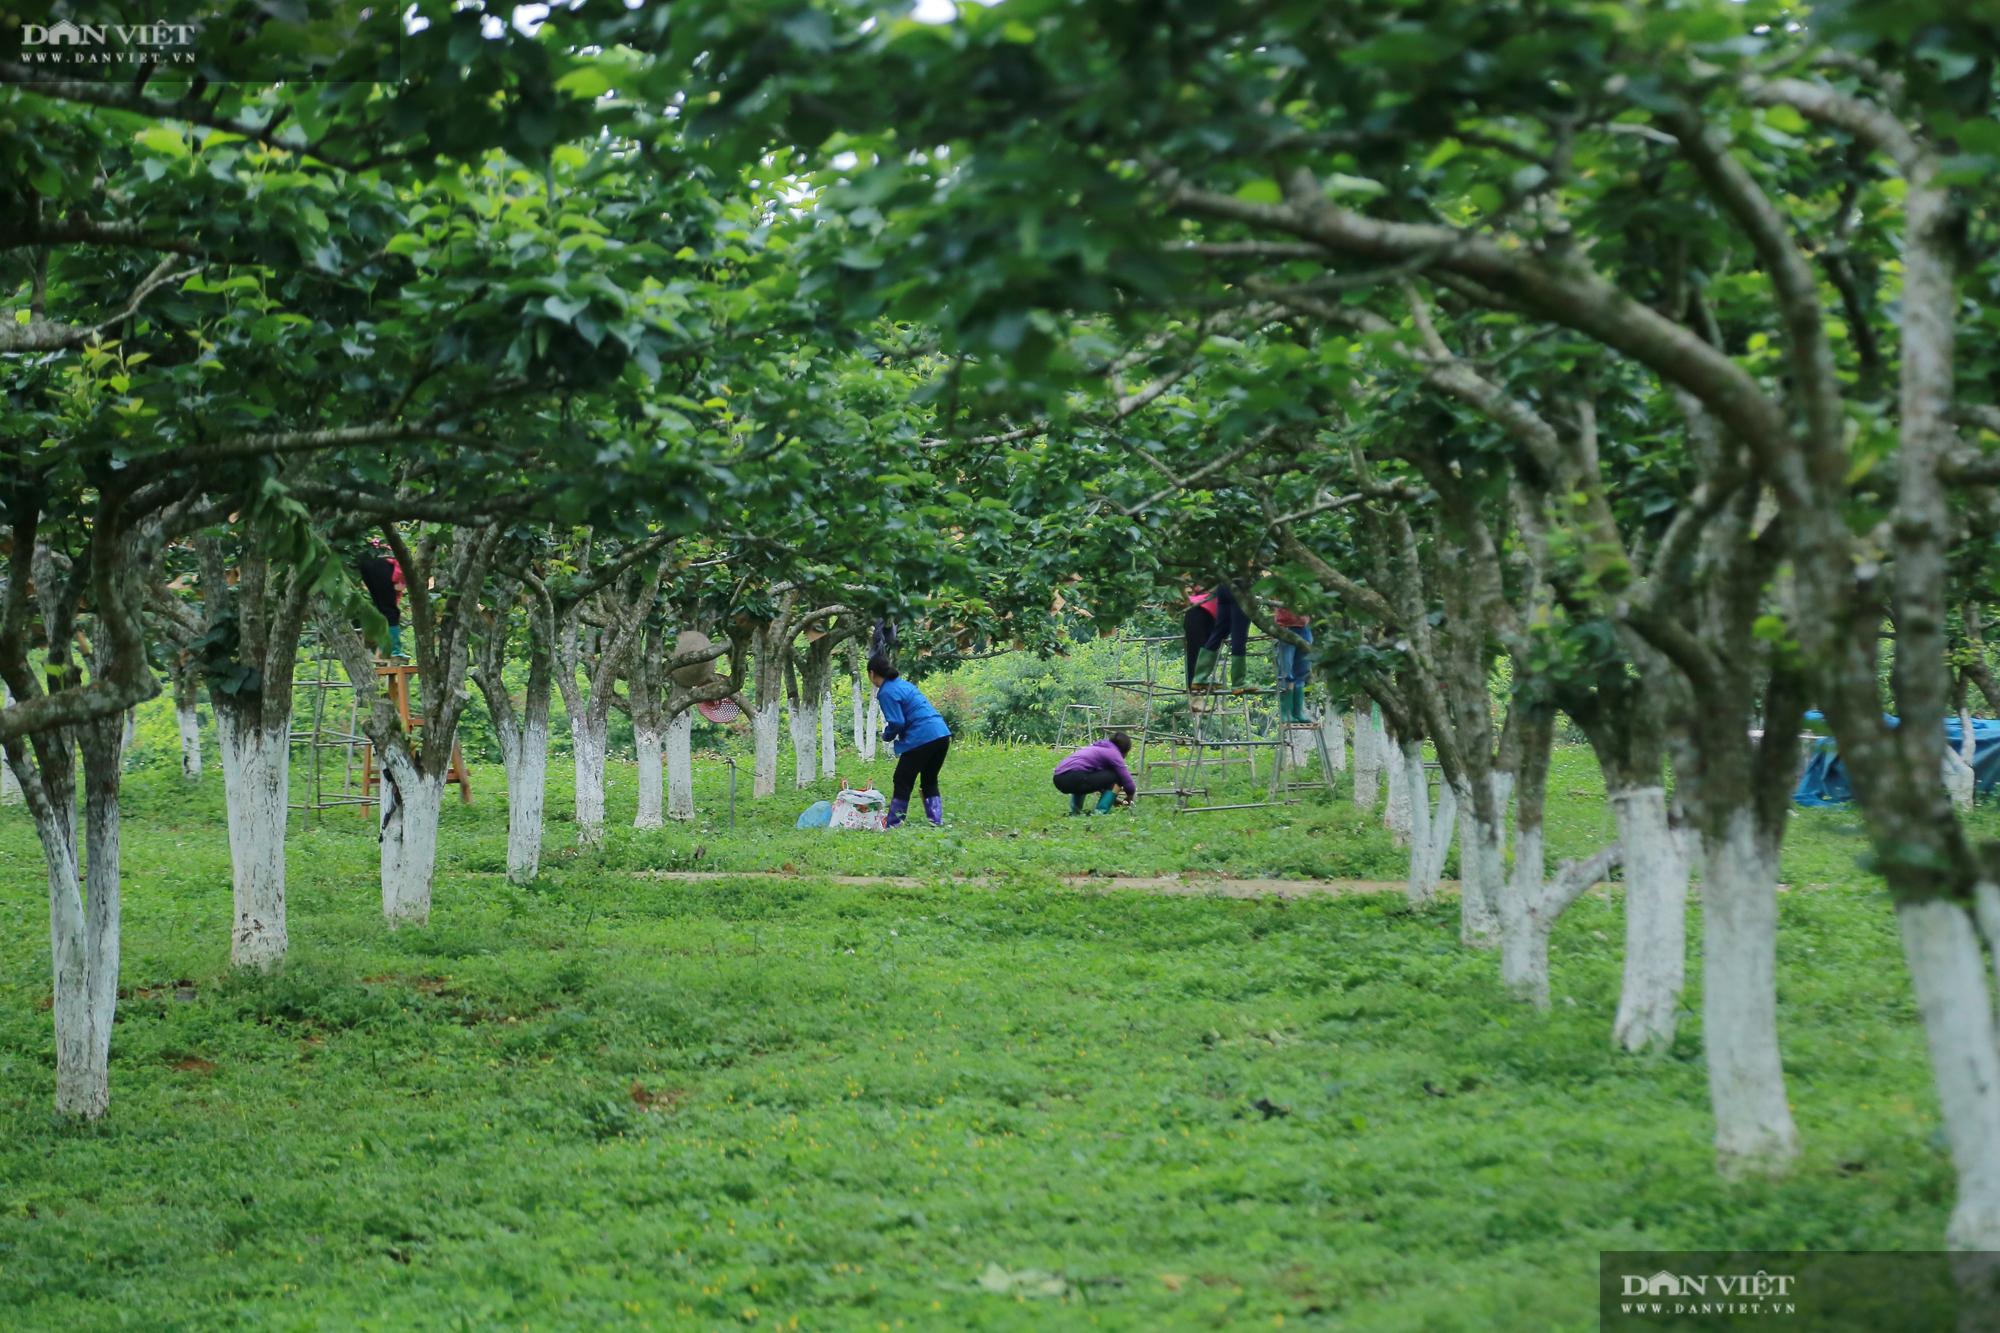 Chủ tịch Hội Nông dân Việt Nam thăm trại nghiên cứu cây ăn quả đặc sản ở biên giới - Ảnh 3.